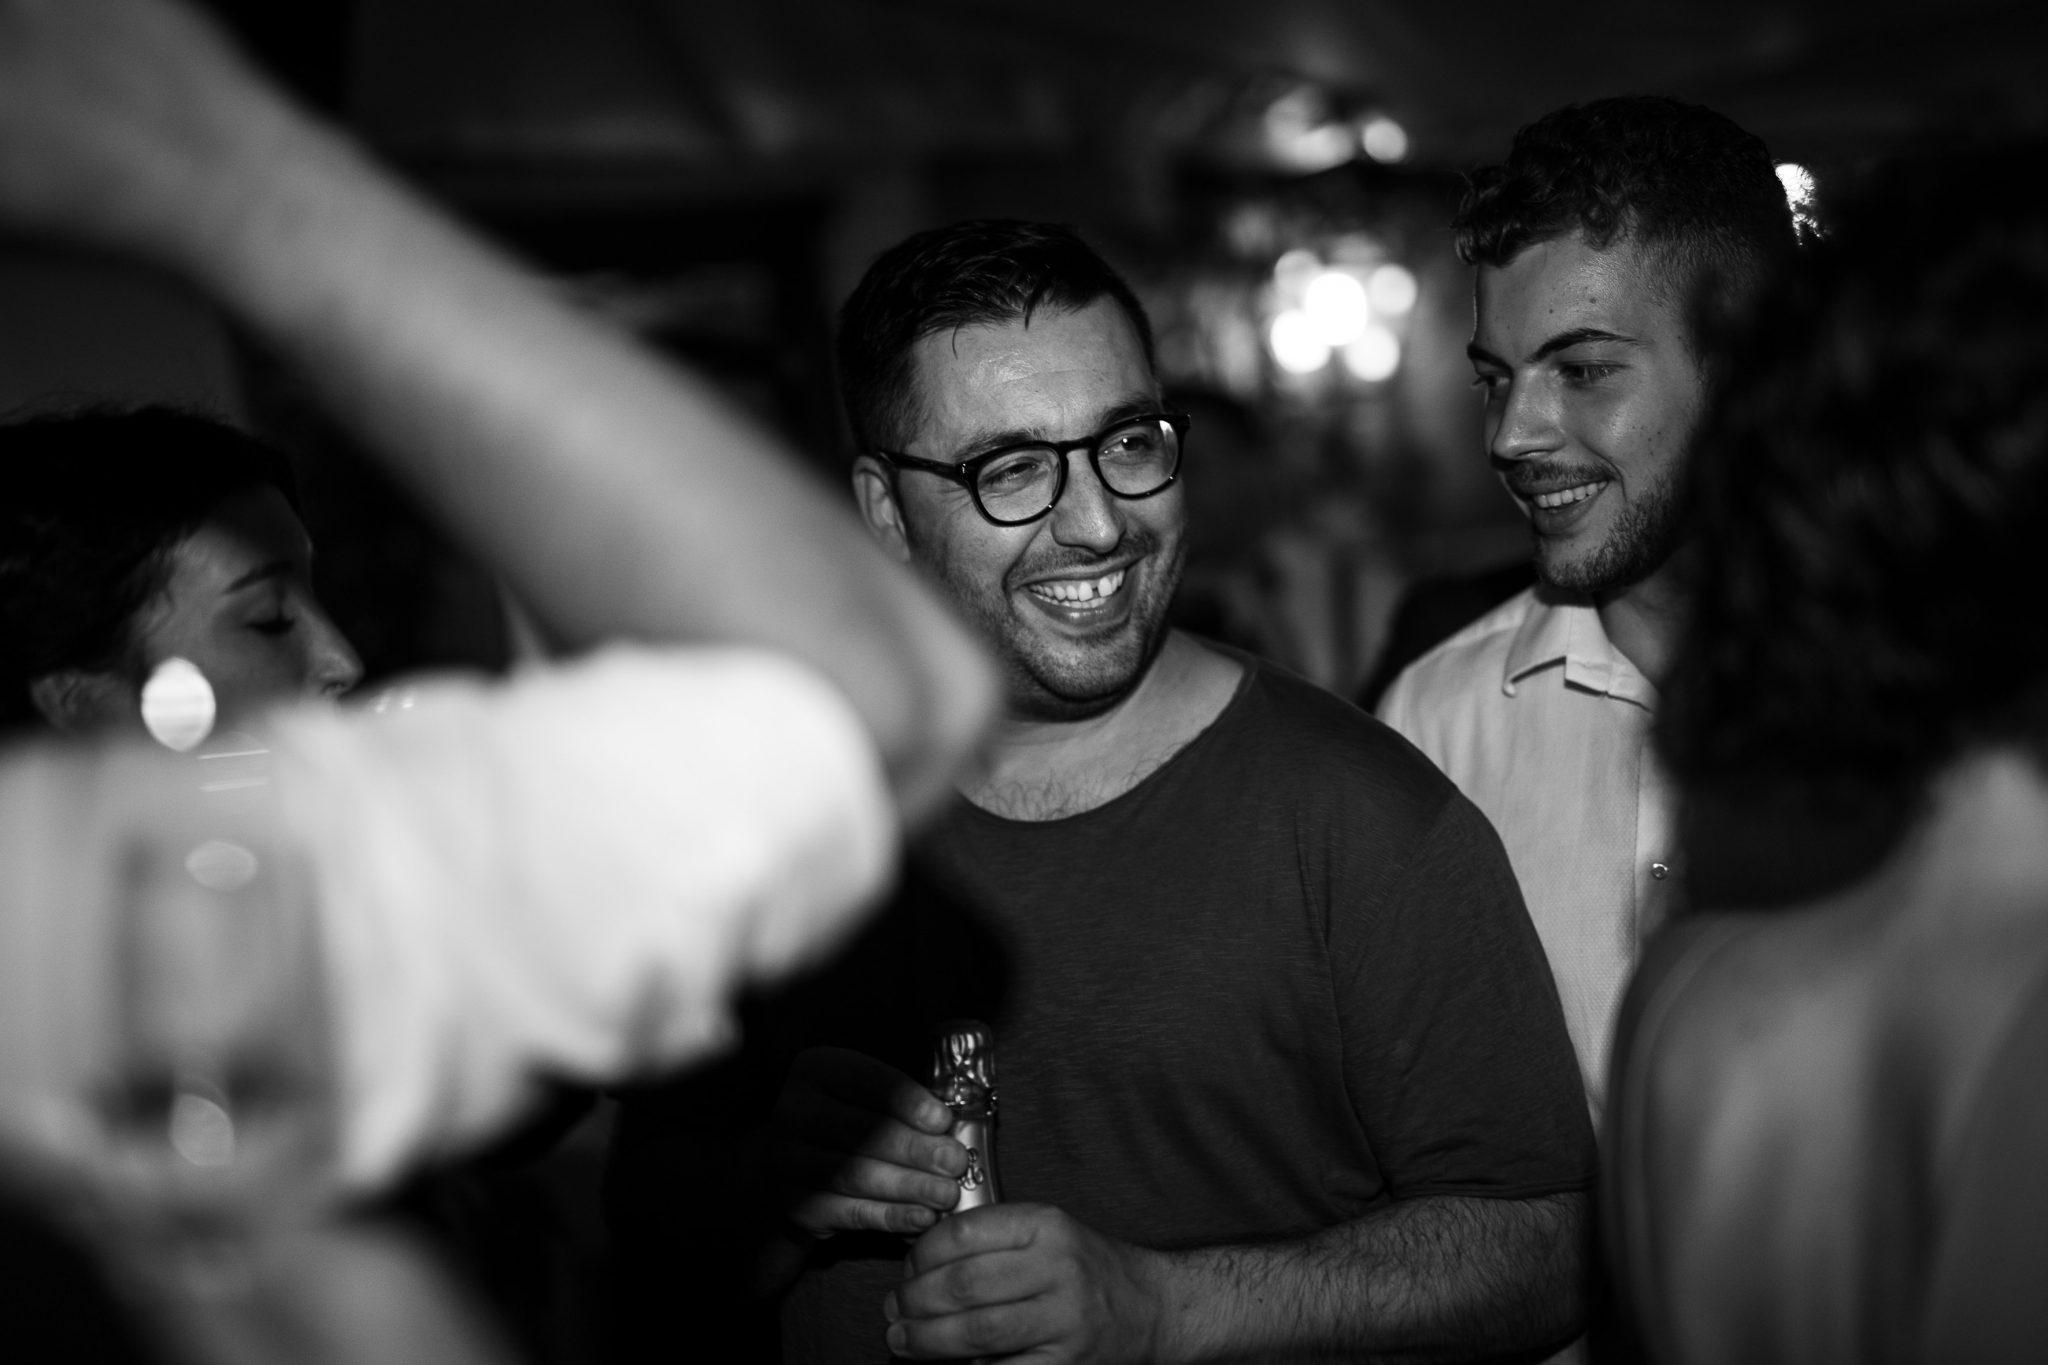 un'invitato degli sposi mentre ride con altri invitati